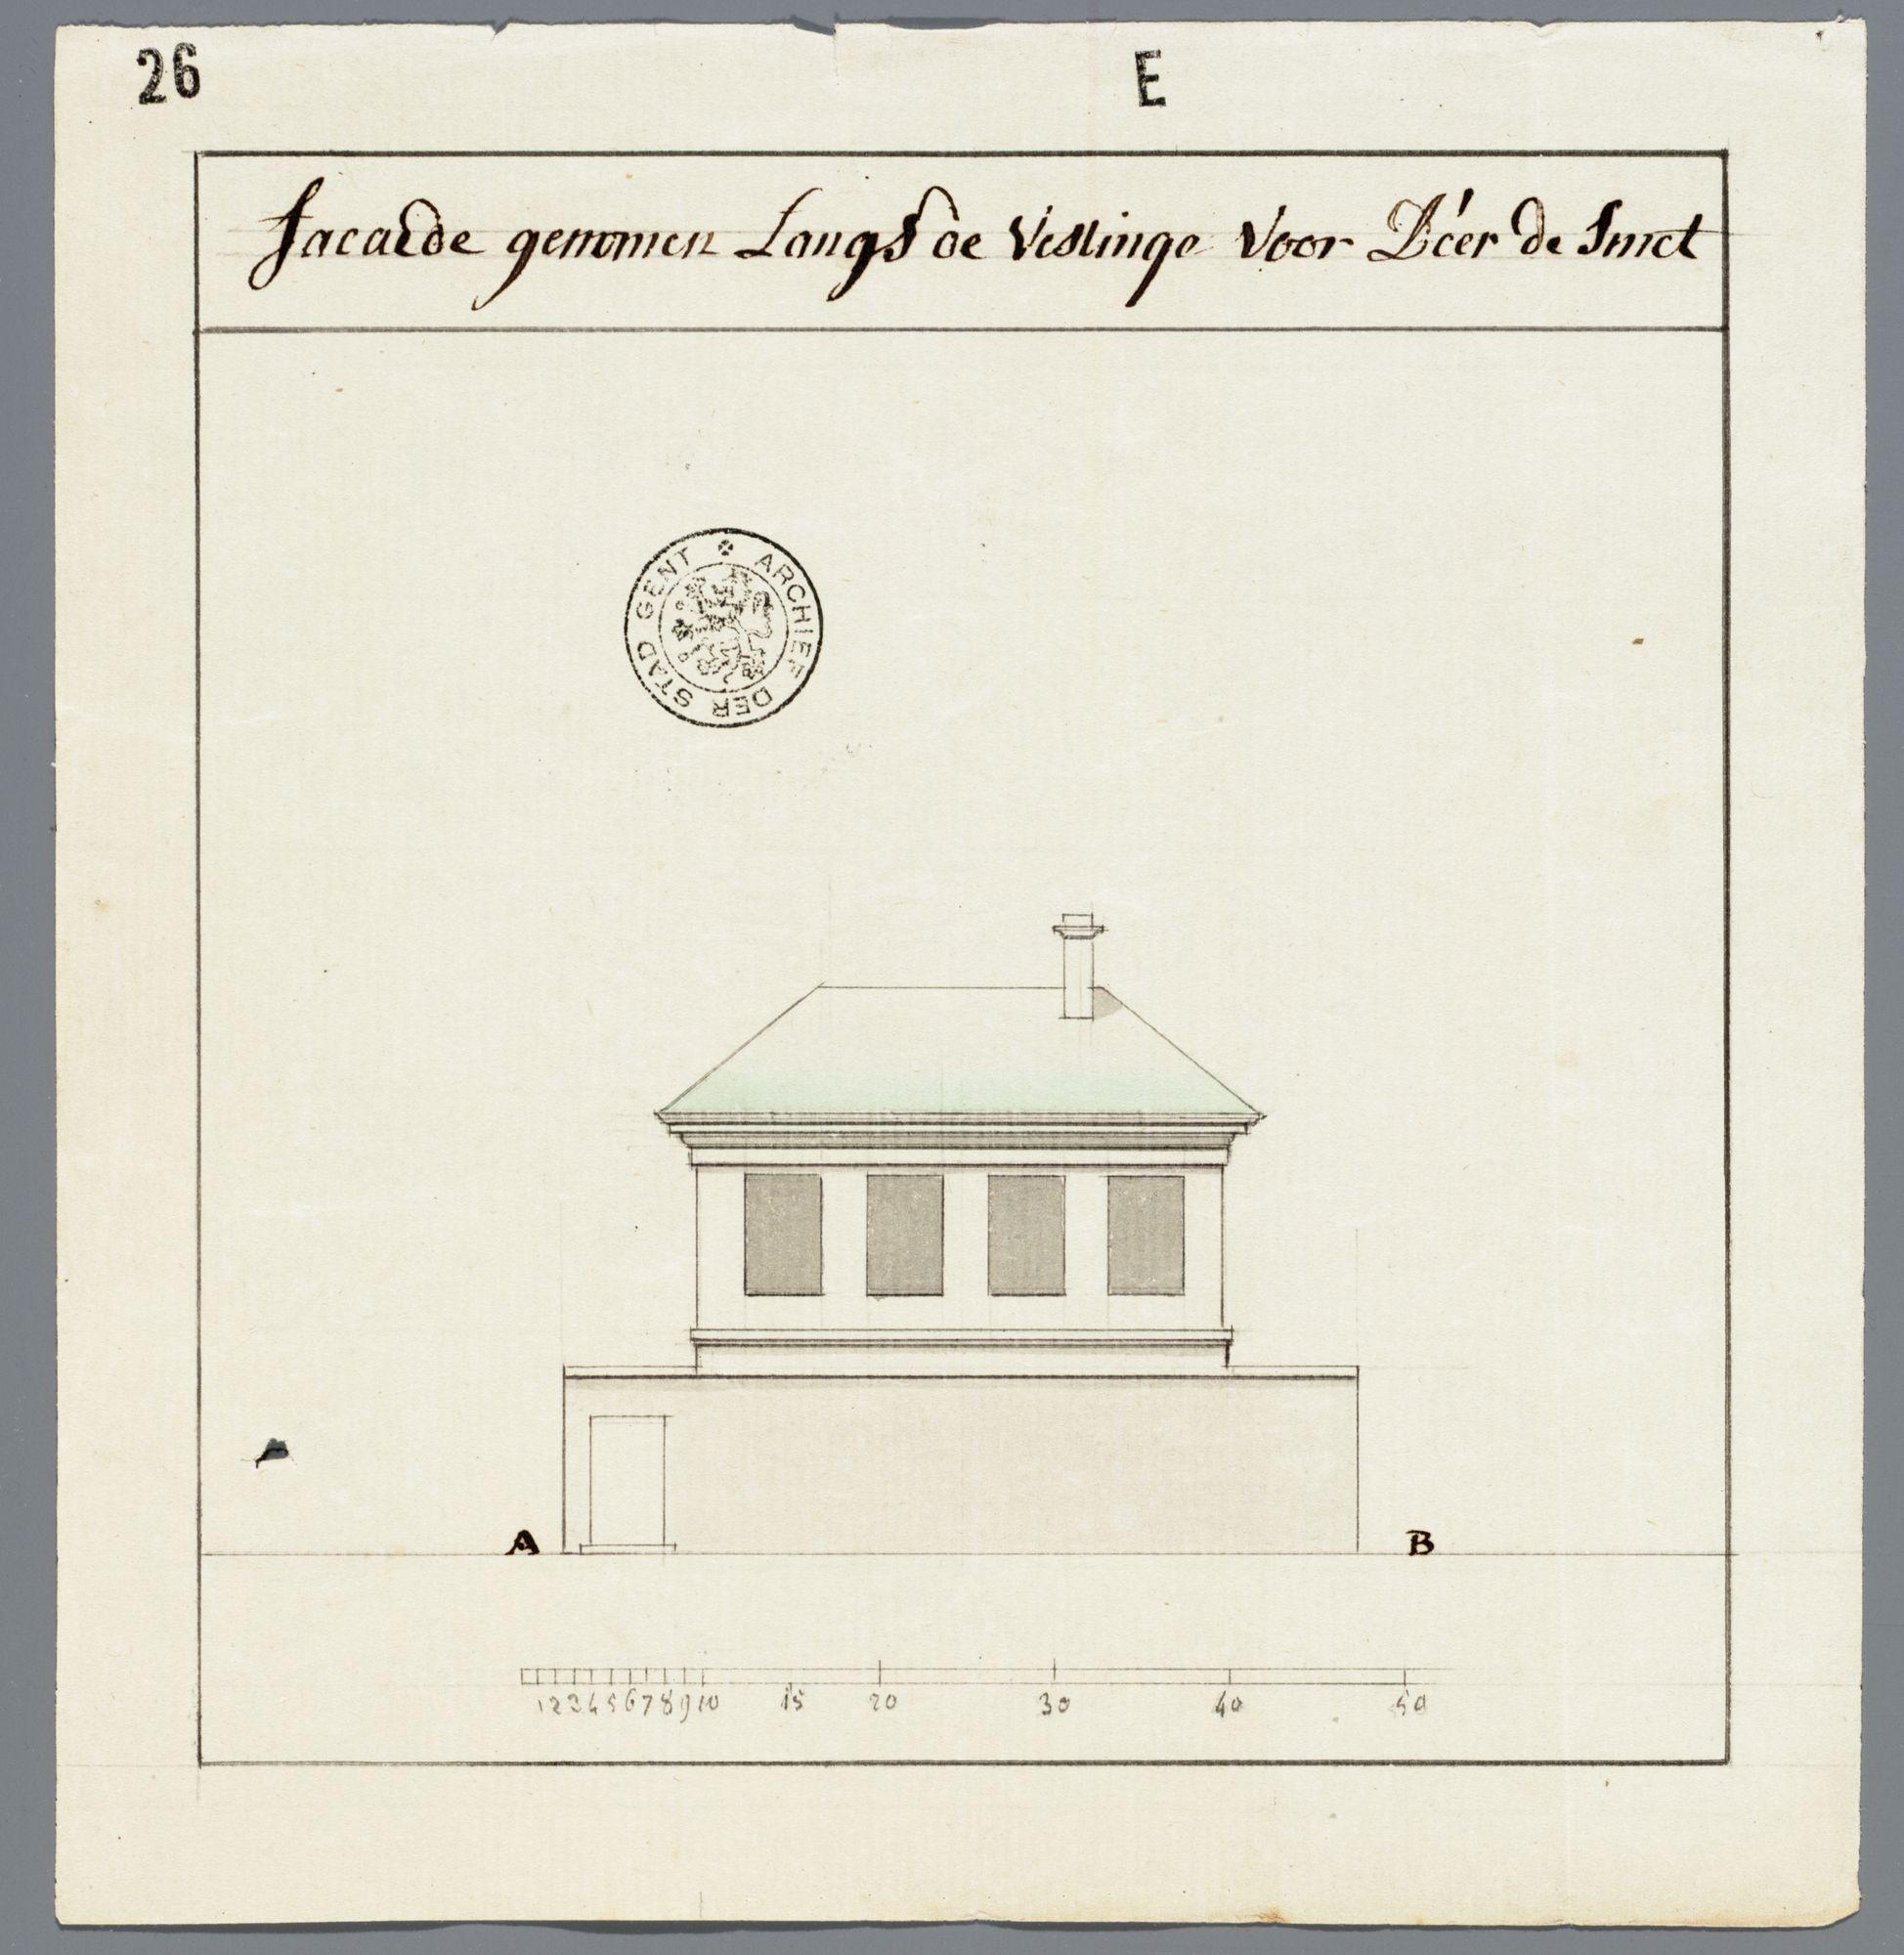 Gent: Akkerstraat, 1793: opstand gevel met zicht op vesting, voor huis van heer De Smet